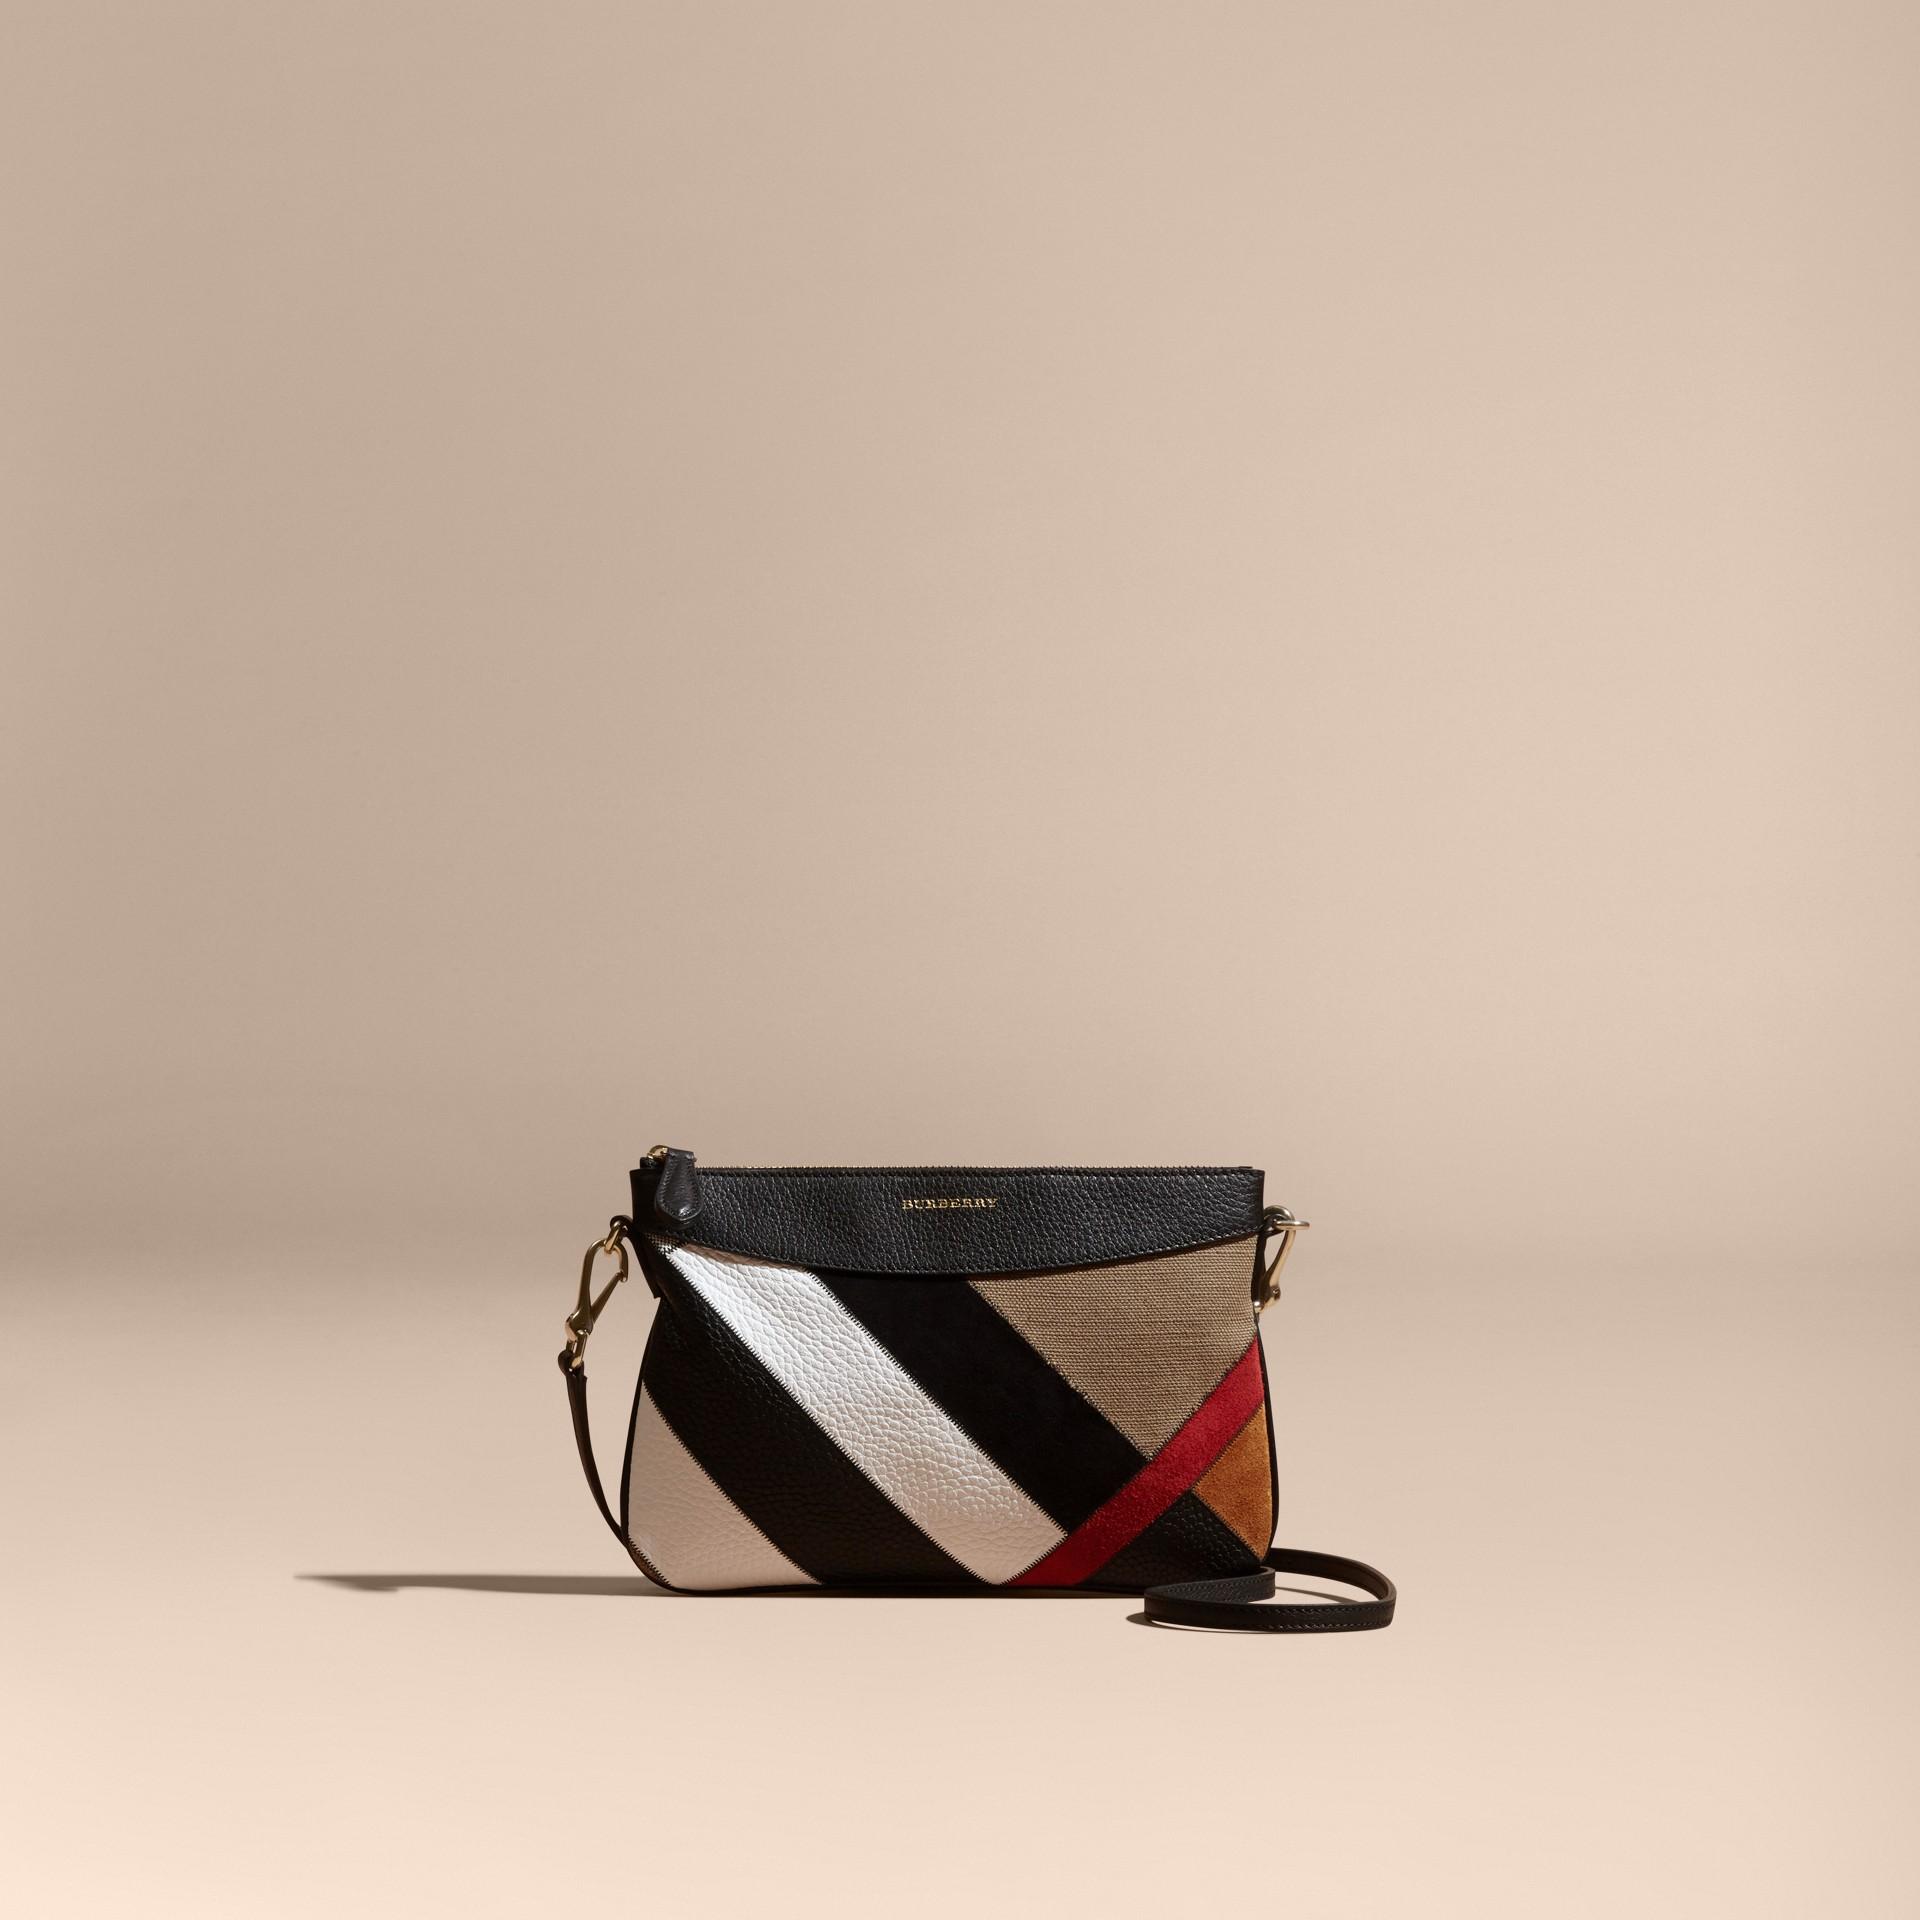 Nero Pochette in patchwork di pelle, pelle scamosciata, iuta e cotone con motivo tartan - immagine della galleria 9